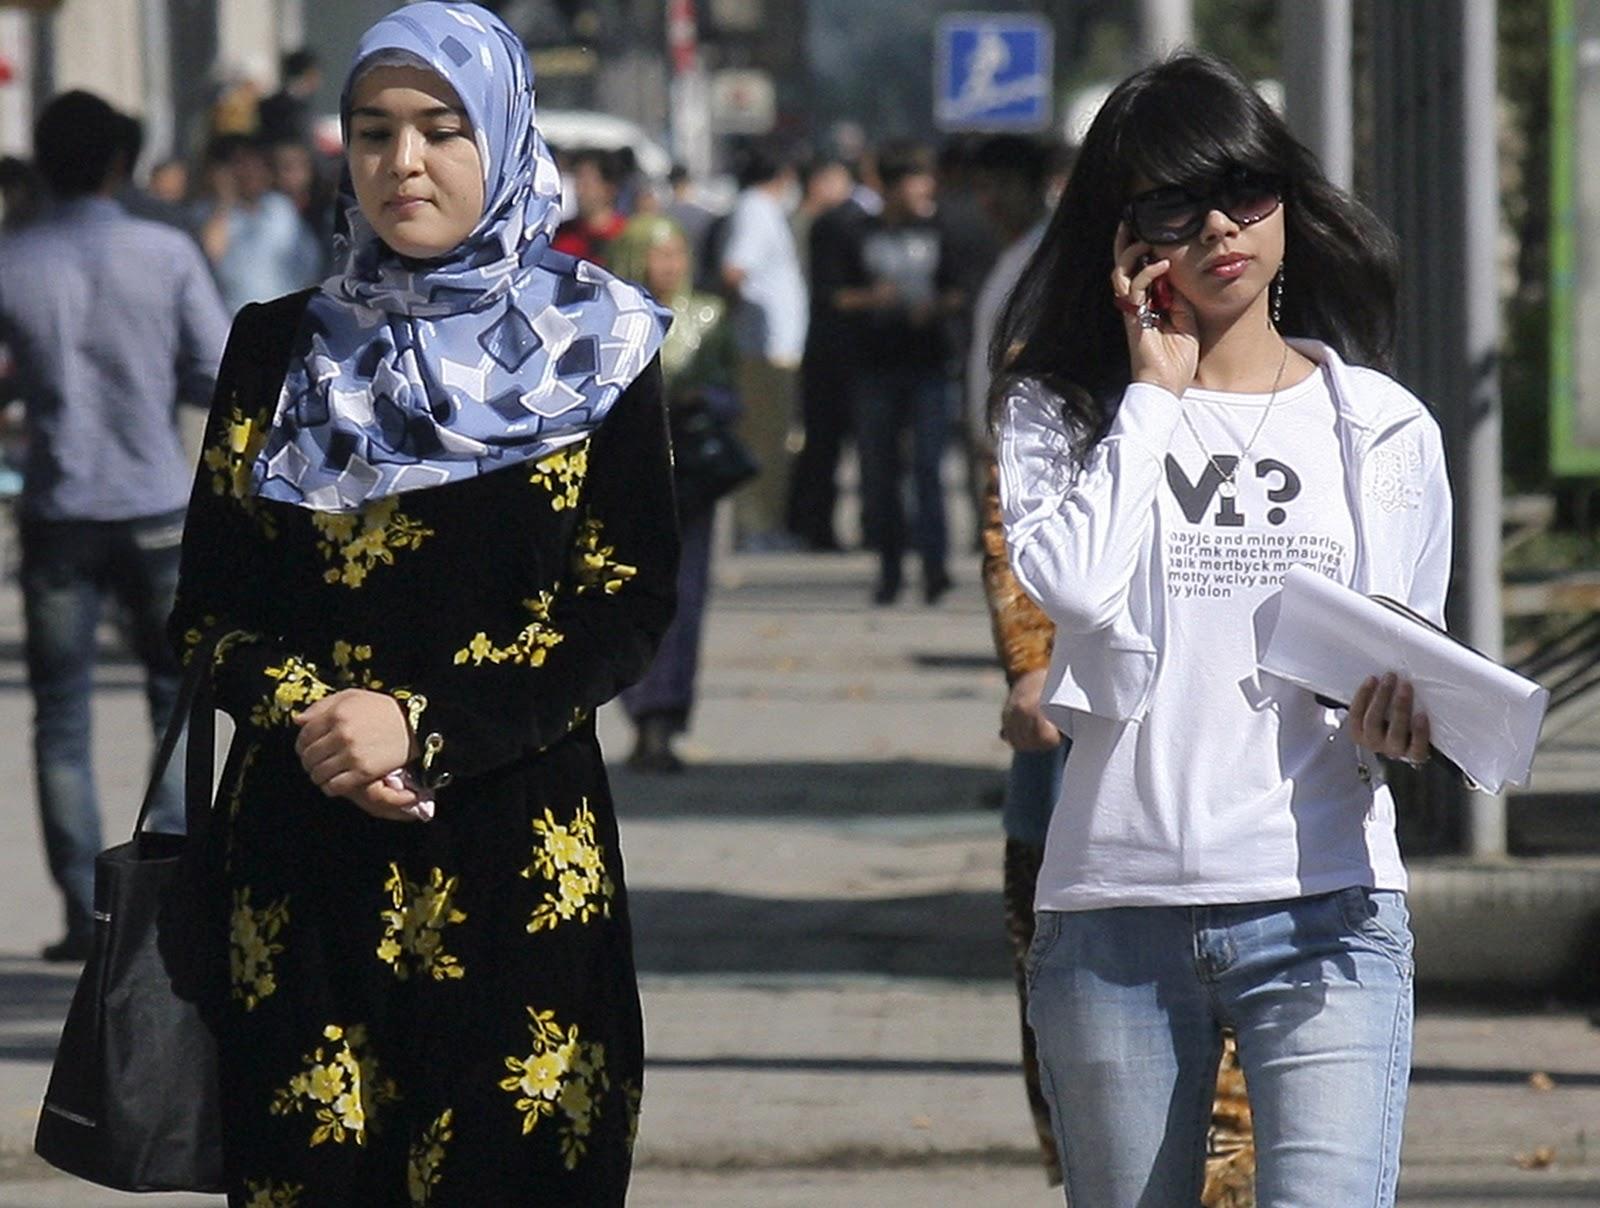 Узбекистане как одеваются 30 45 женщины фото 4 фотография